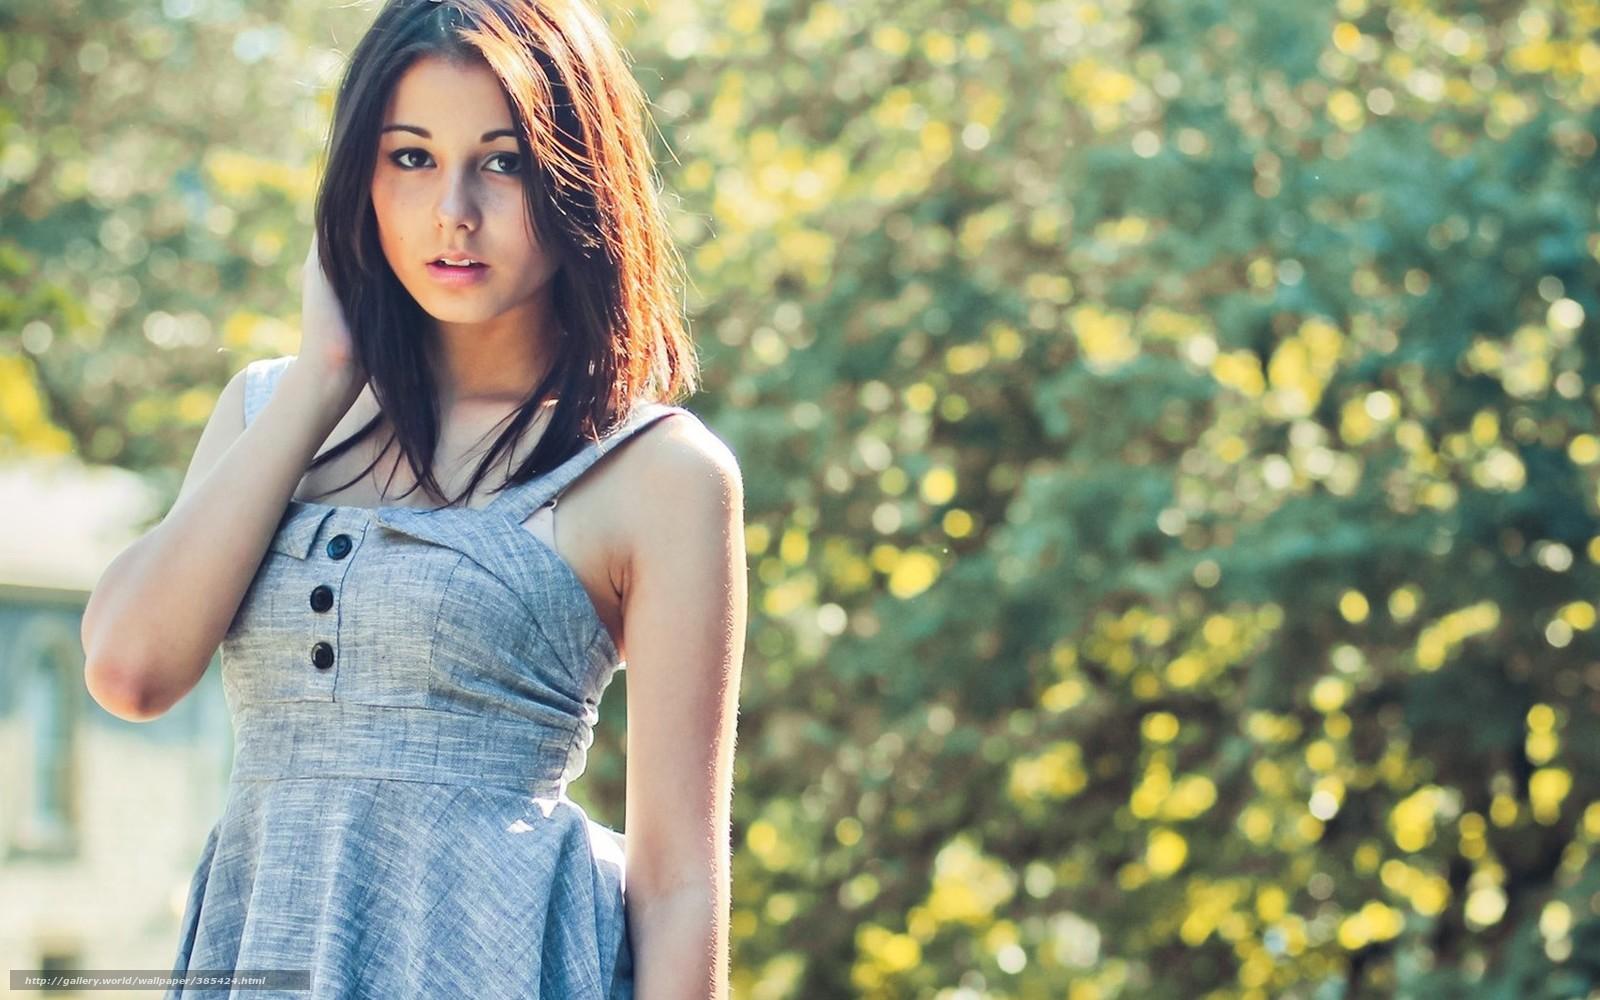 Фото красивых девушек брюнеток одной и той же 19 фотография